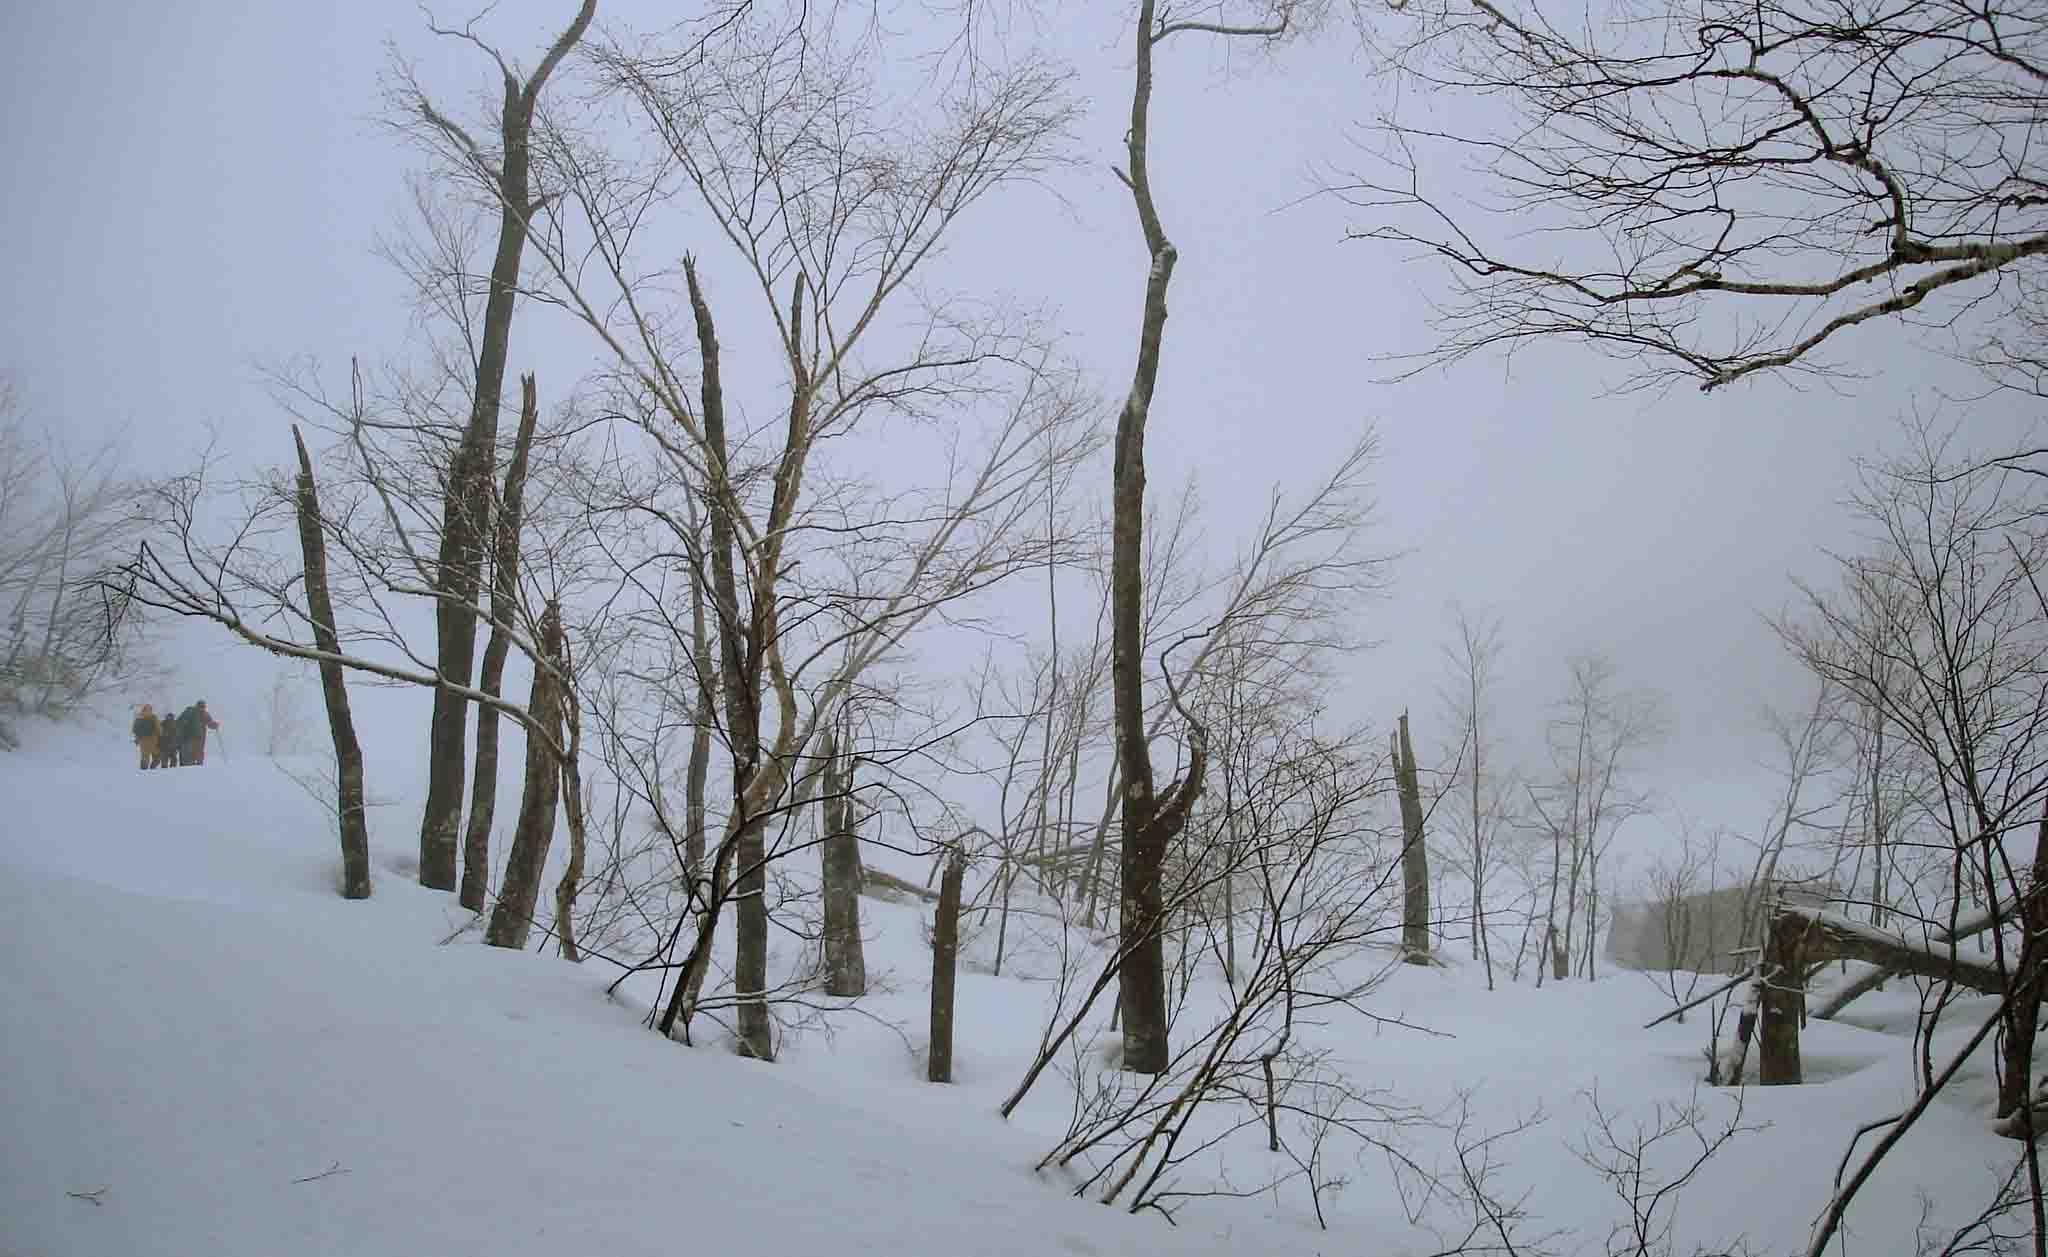 DSC08911 5日の現場へ 雪崩被害の樹木